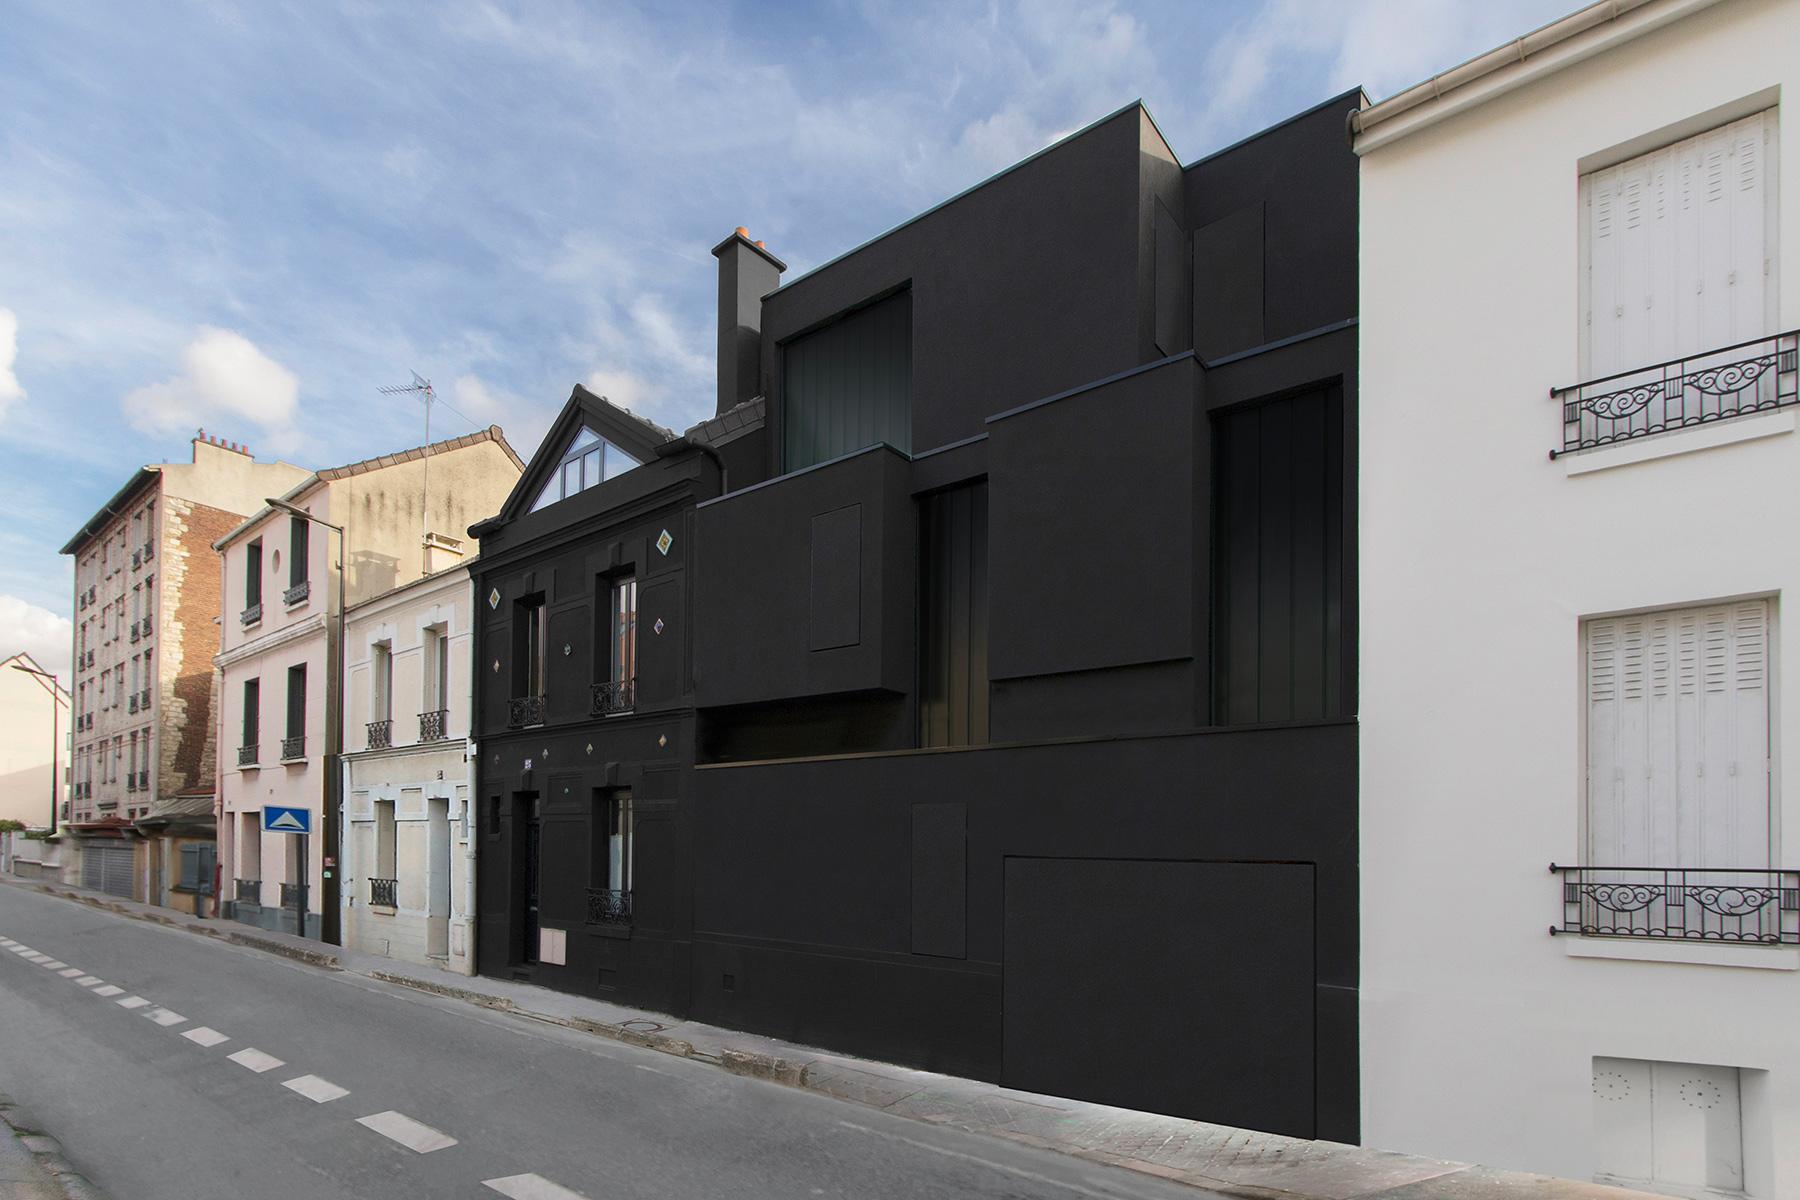 parizsi-lakohaz-feketen-feheren-noko-01.jpg